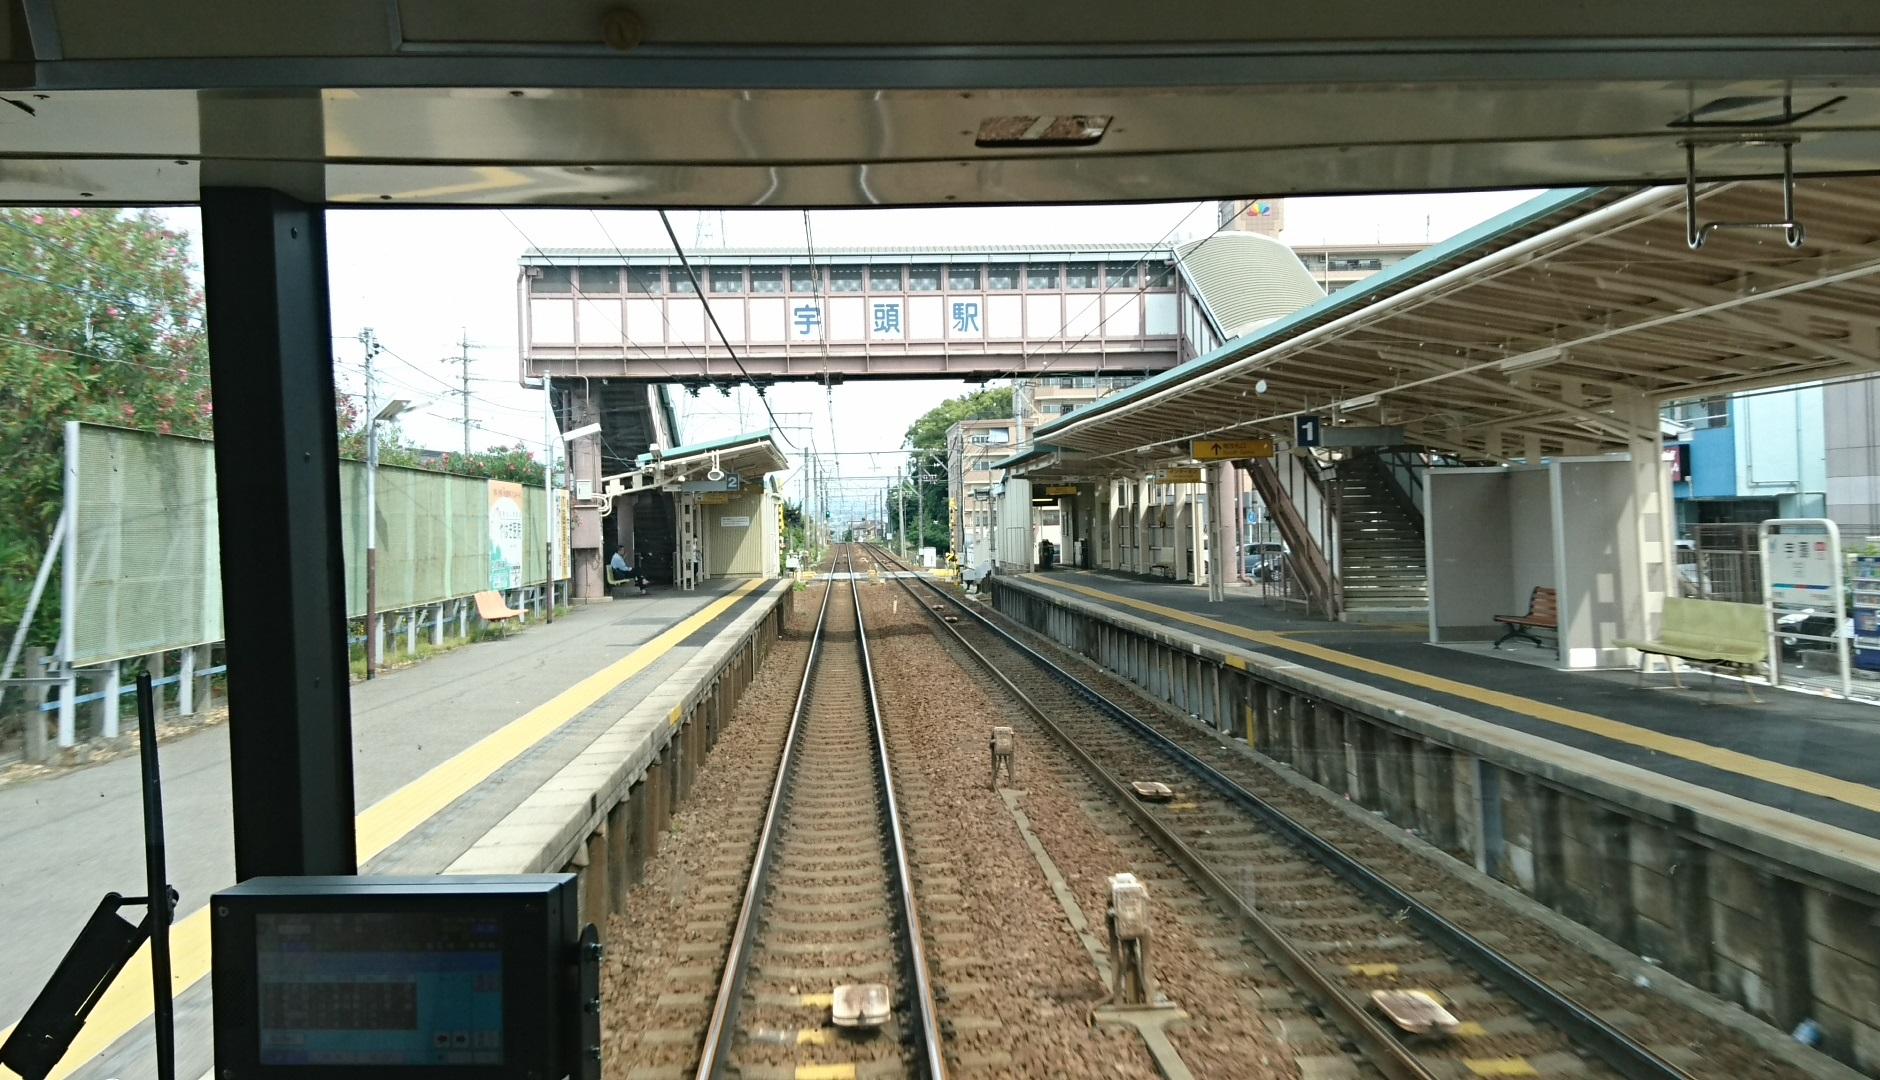 2017.6.24 東岡崎 (11) 豊橋いき急行 - 宇頭 1880-1080